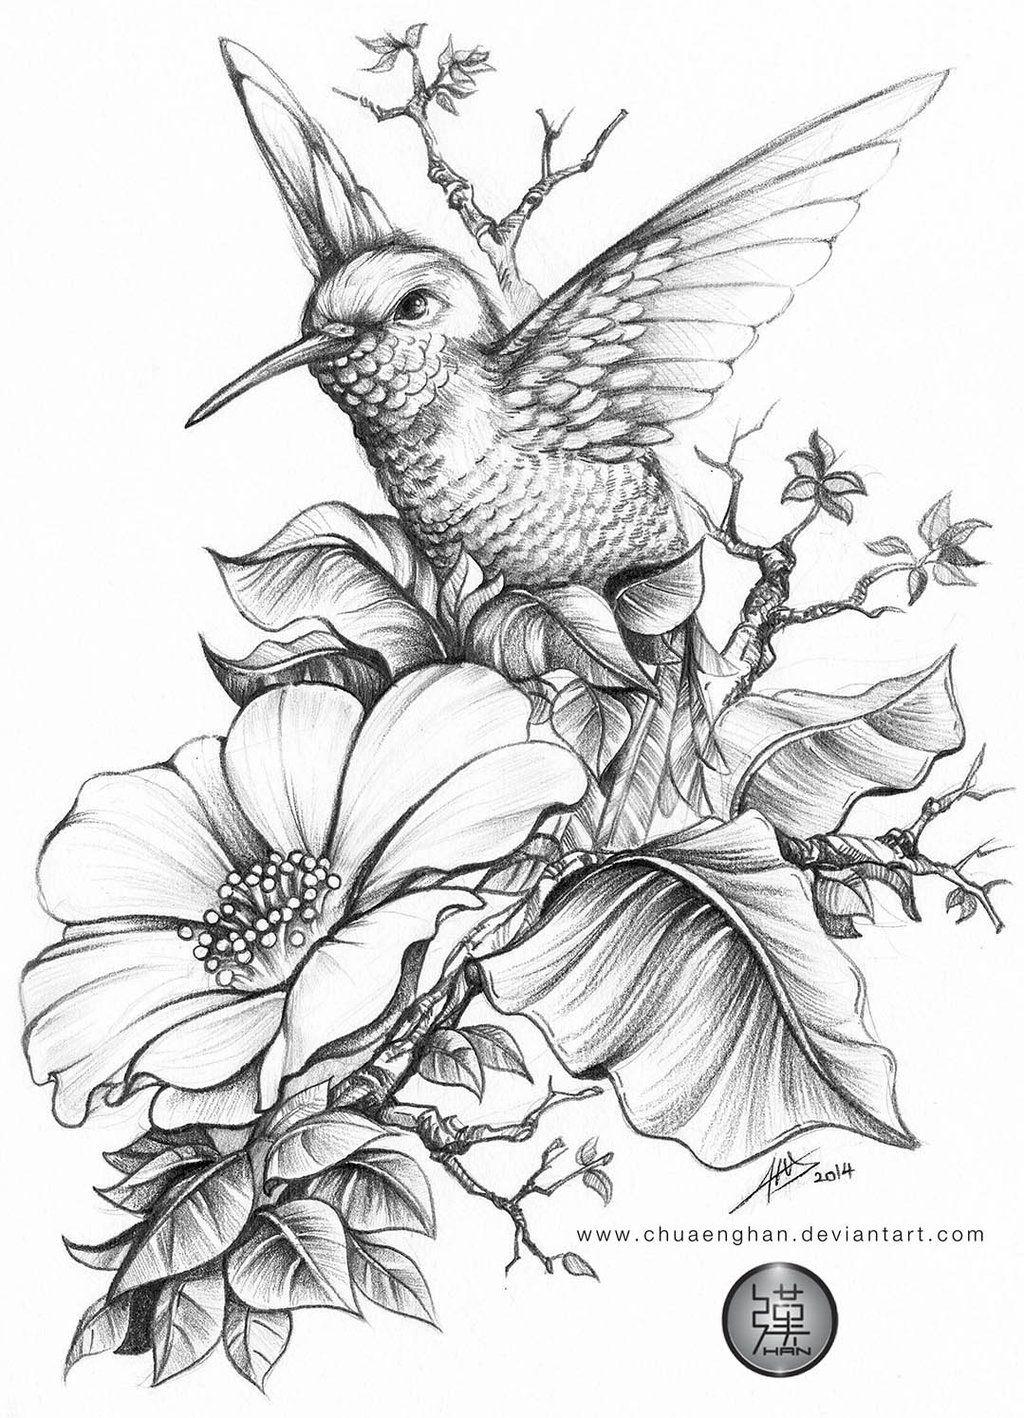 Hummingbird By Chuaenghanviantart On Deviantart